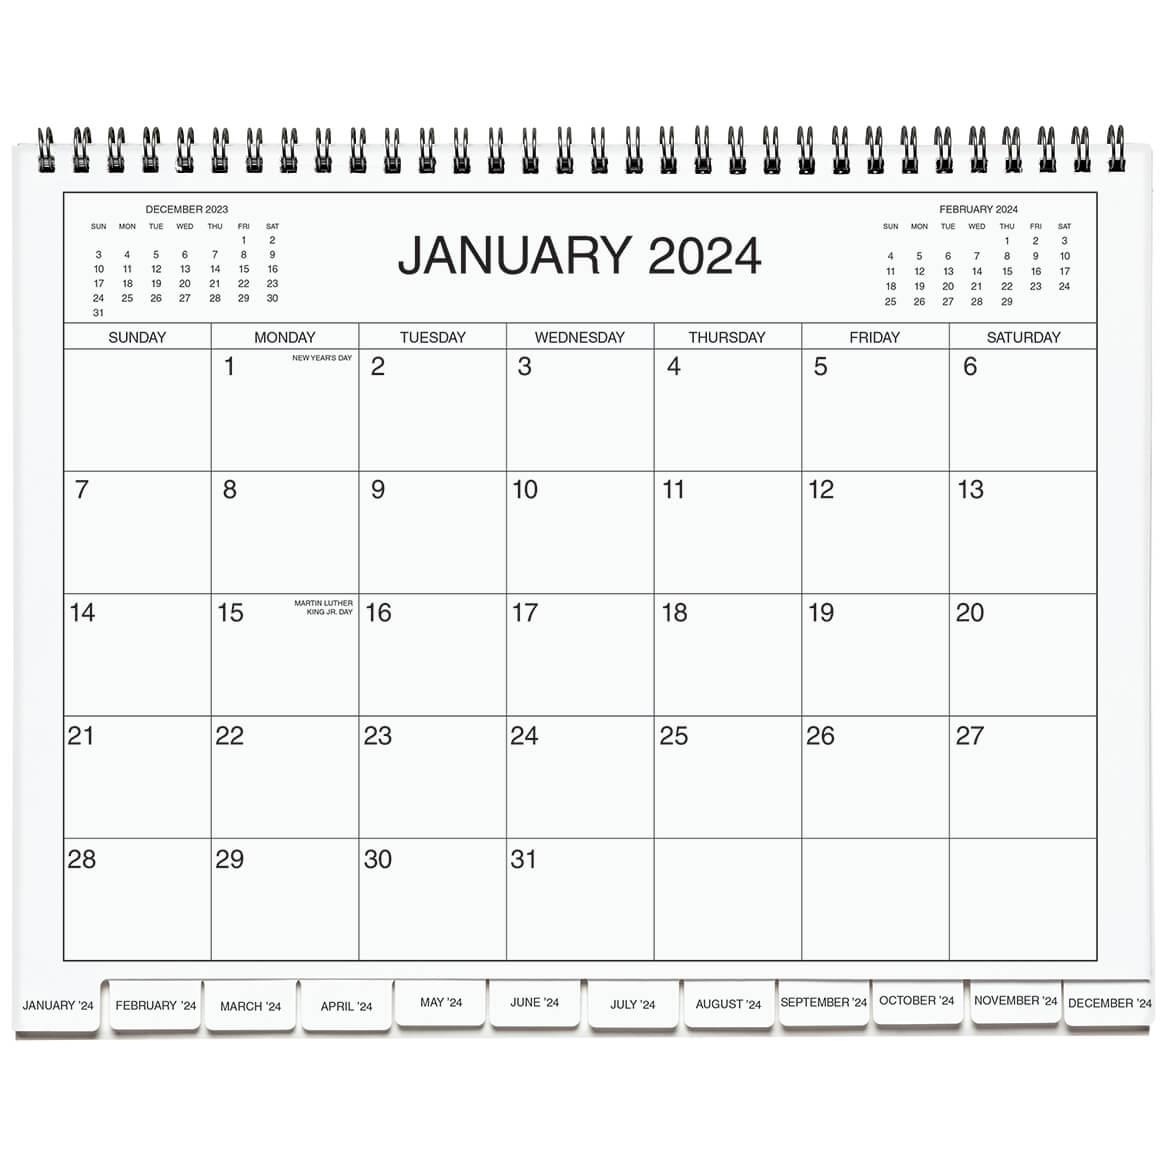 5 Yr Appointment Calendar 2022-2026-367929